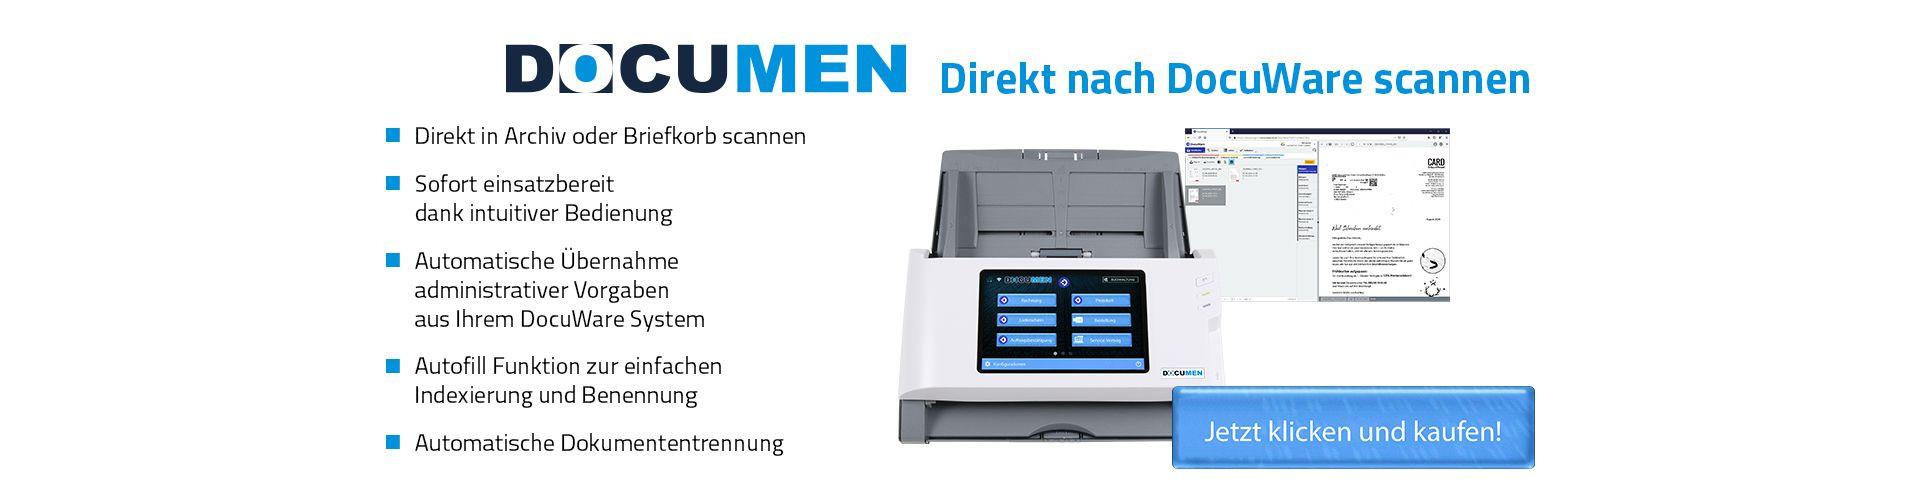 DOCUMEN - Der DocuWare Scanner